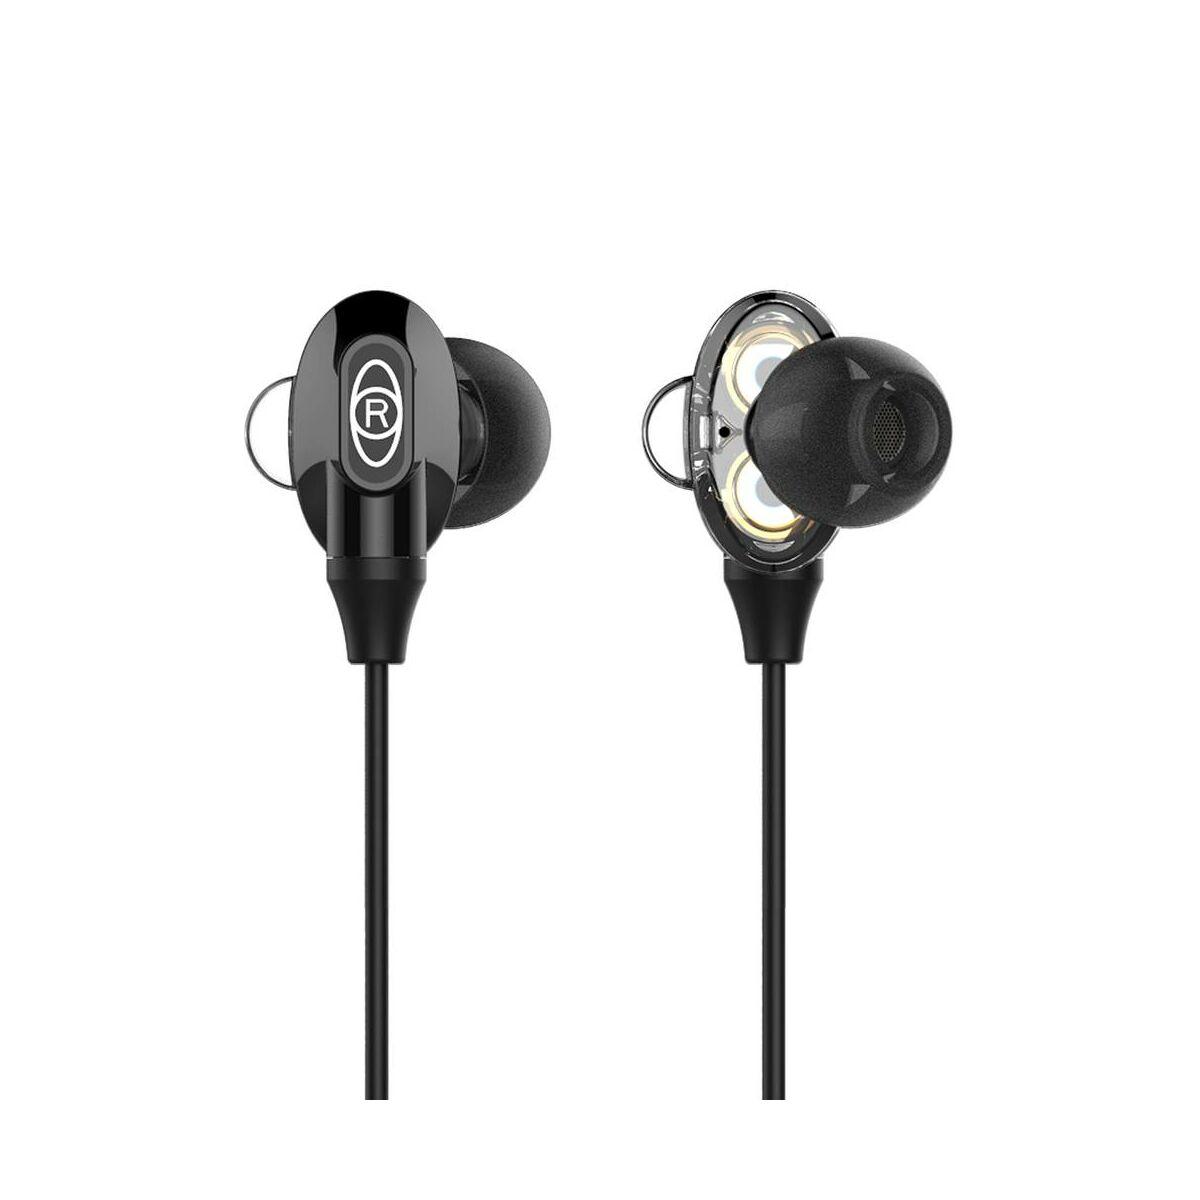 Baseus fülhallgató, Encok H08 Immersive virtual 3D gaming, mini jack, vezetékes, vezérlővel, fekete (NGH08-01)